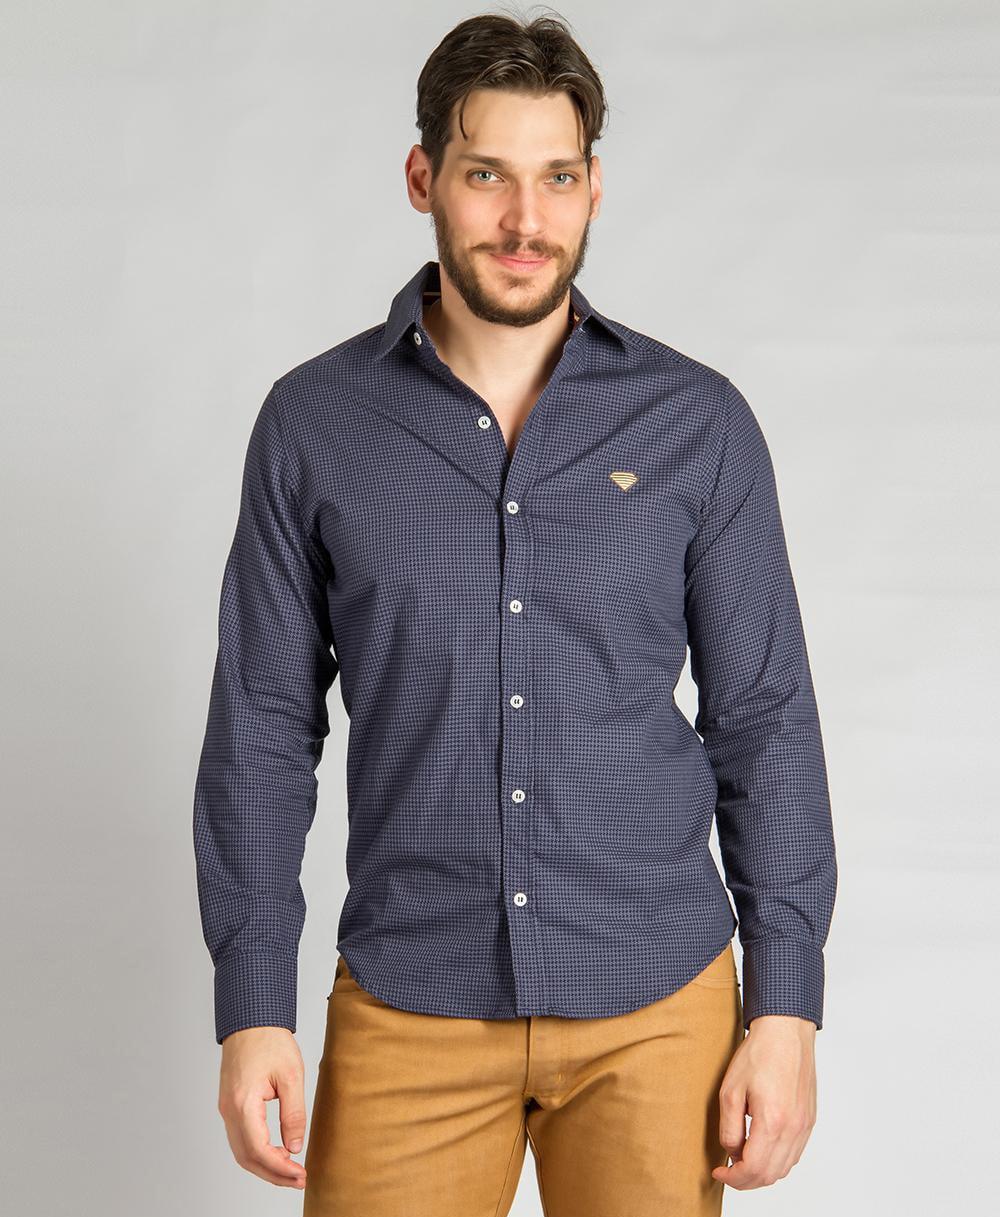 camiseta-enkel-homens-que-se-cuidam-copy